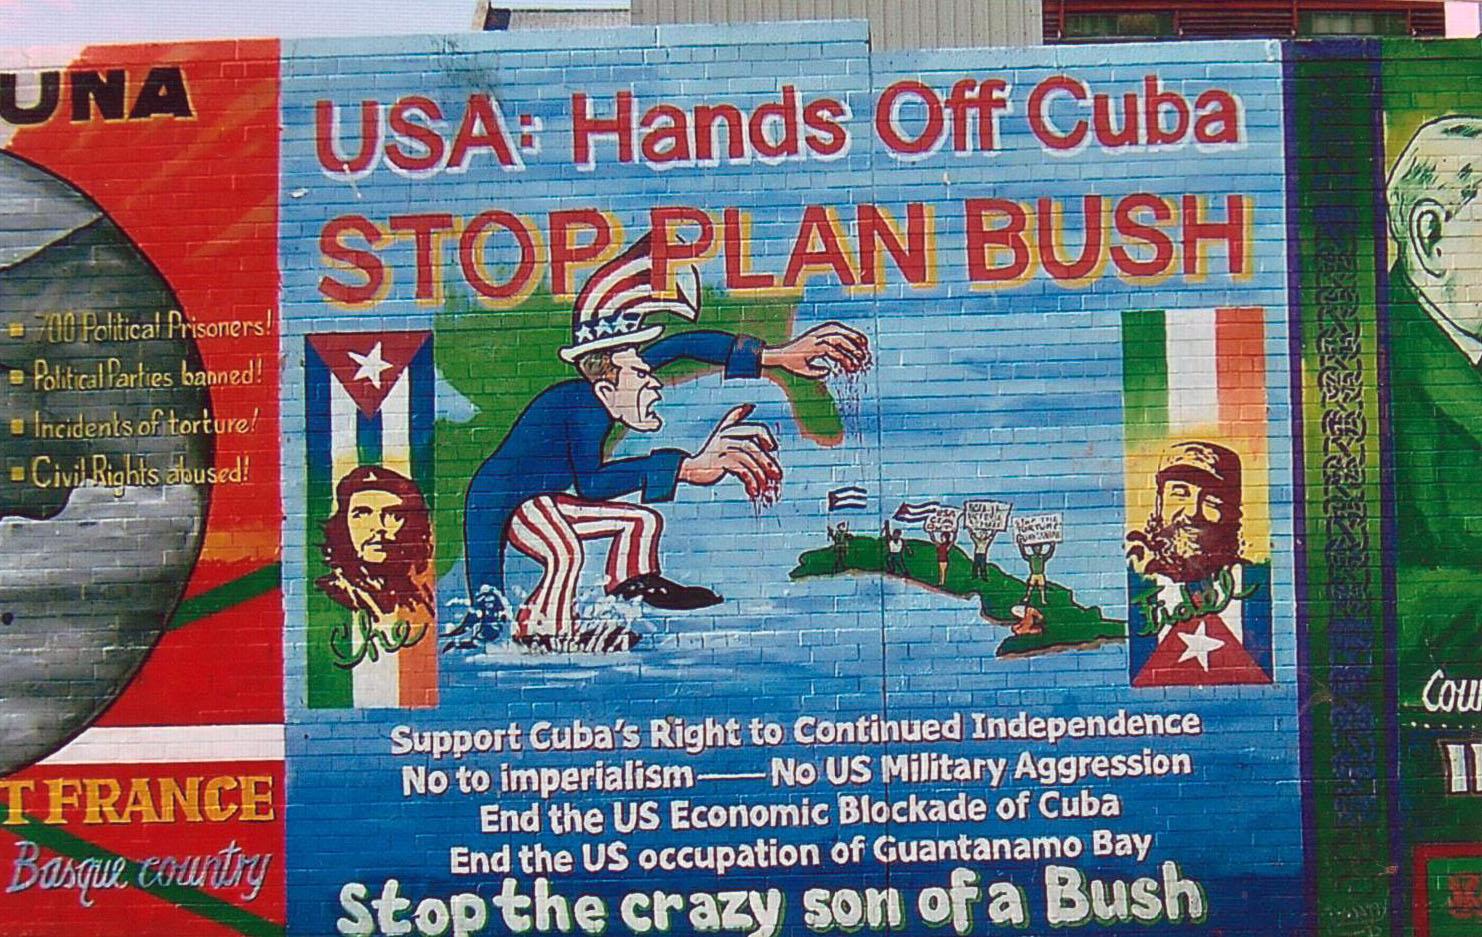 Le président des USA largement critiqué pour sa position par rapport à Cuba